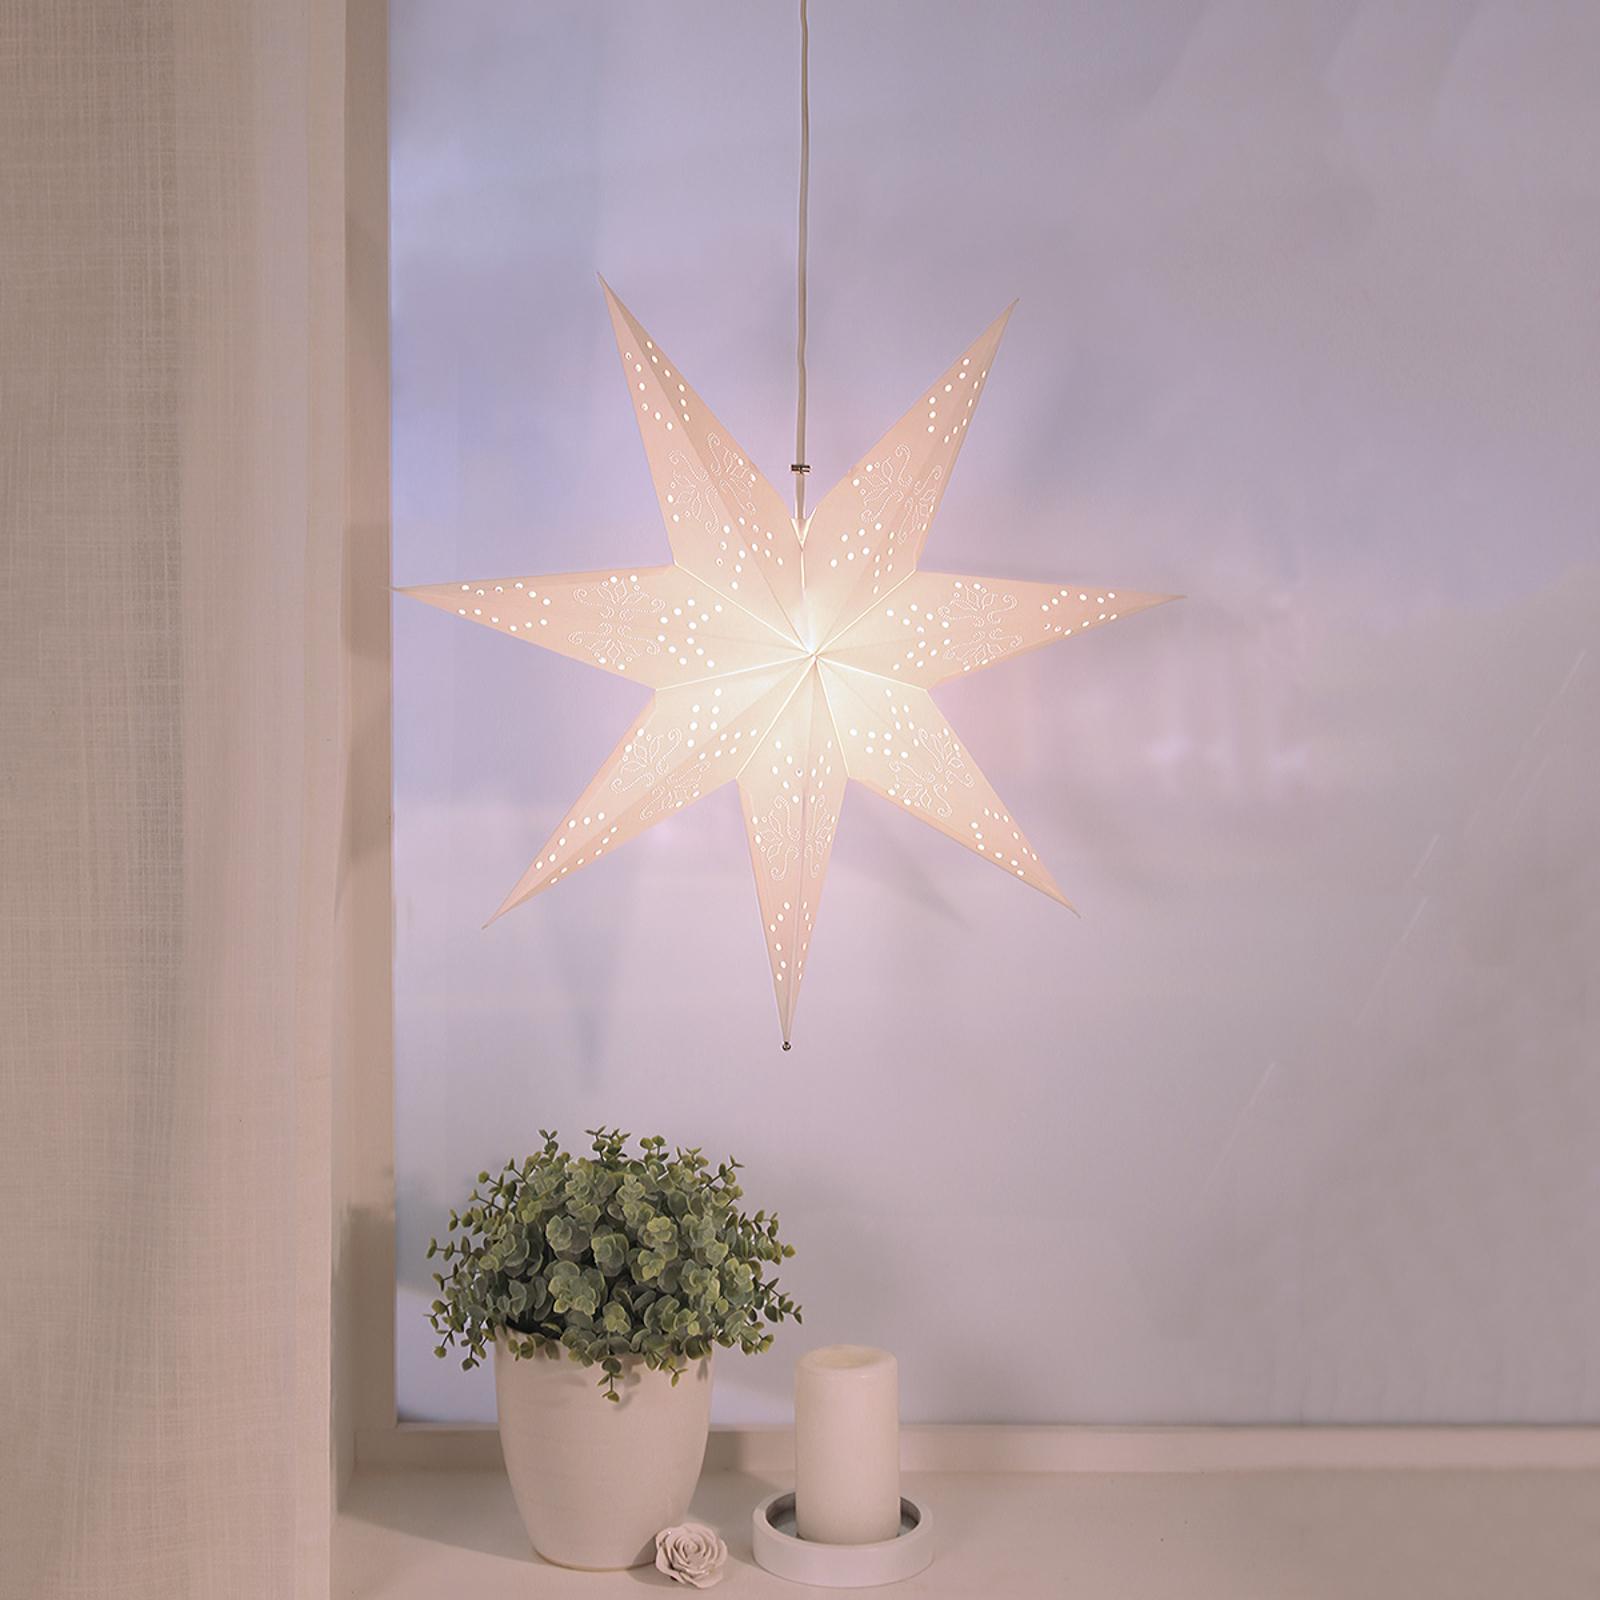 Estrella de papel colgante Romantic Star